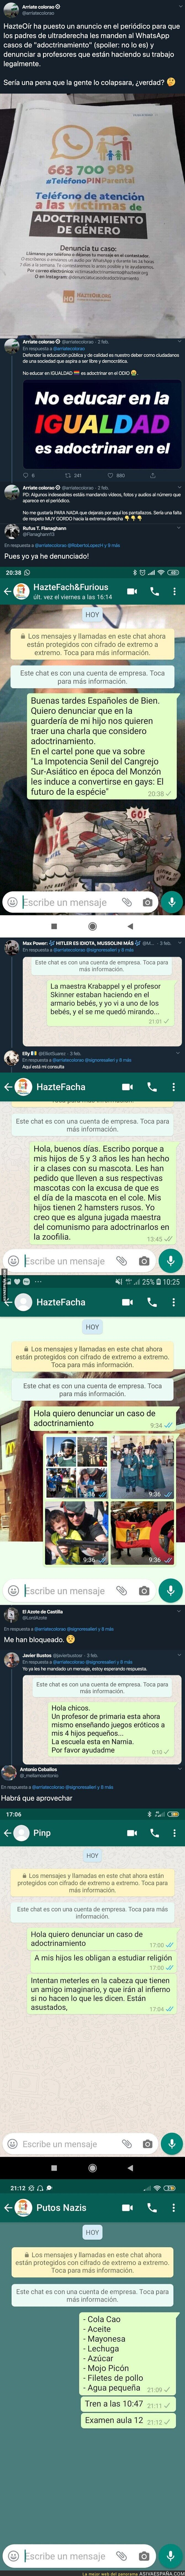 134245 - 'HazteOír' anuncia su teléfono en un periódico y Twitter se organiza para trolearle de la mejor forma dejándole todos estos mensajes